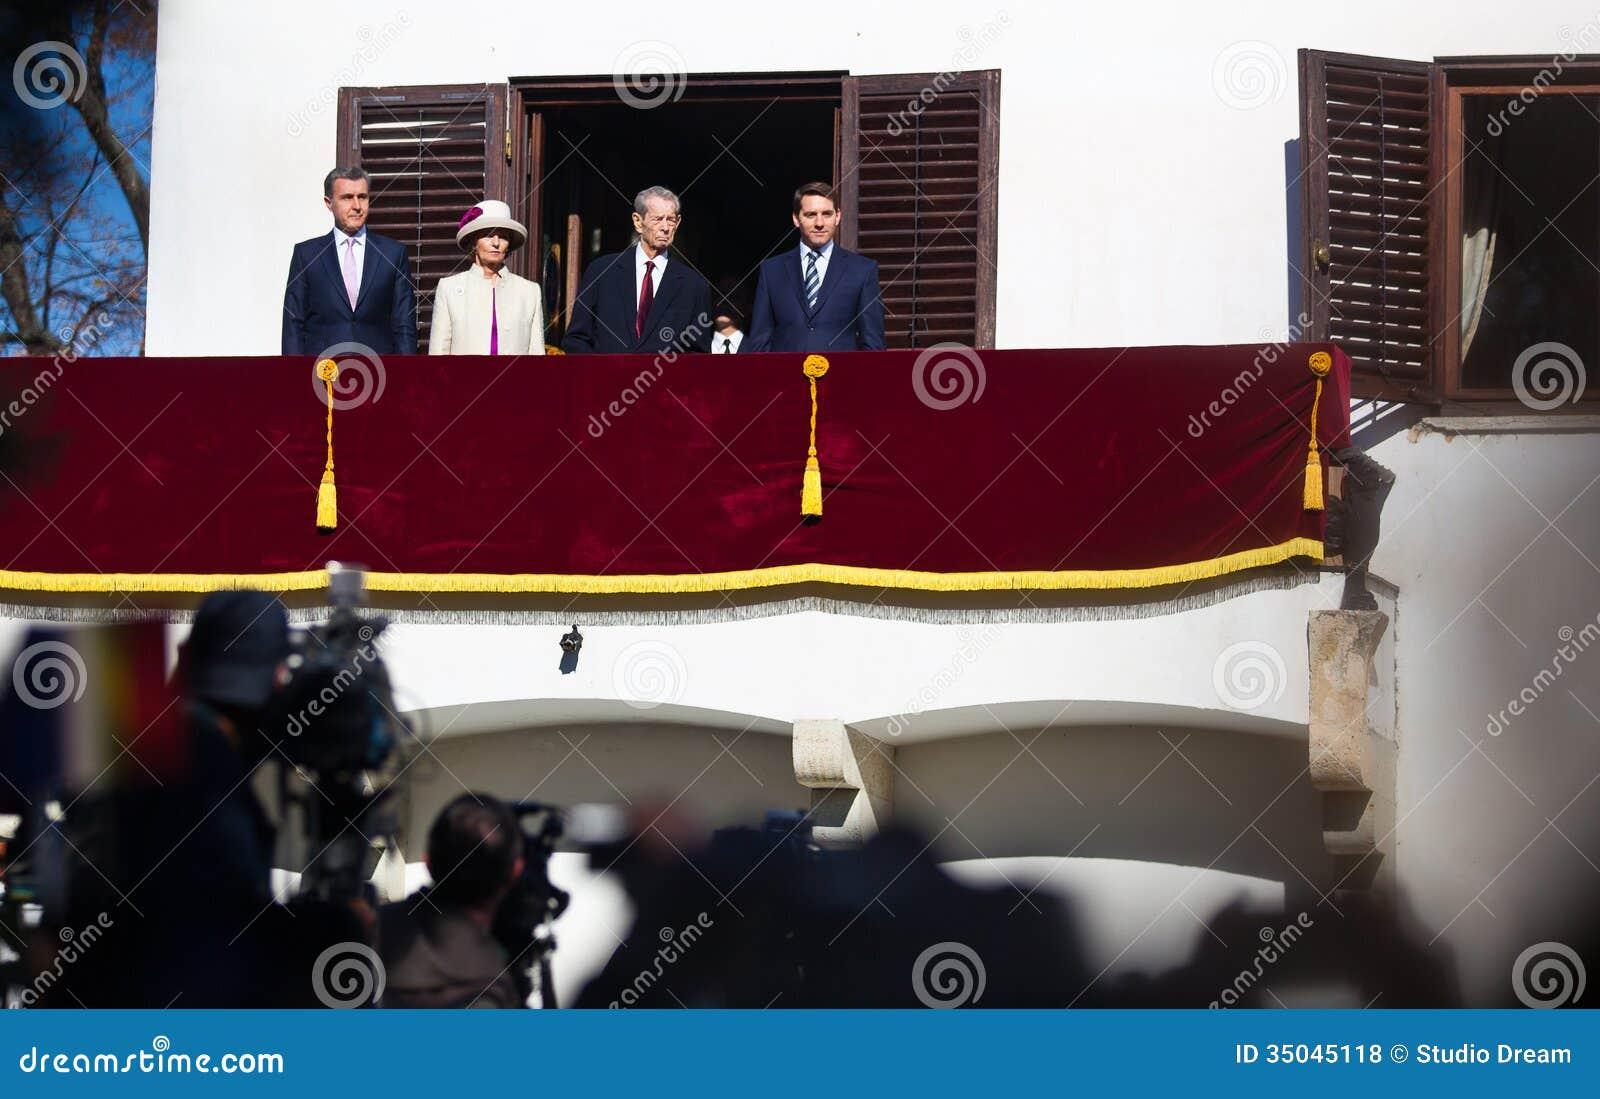 Βασιλική οικογένεια της Ρουμανίας